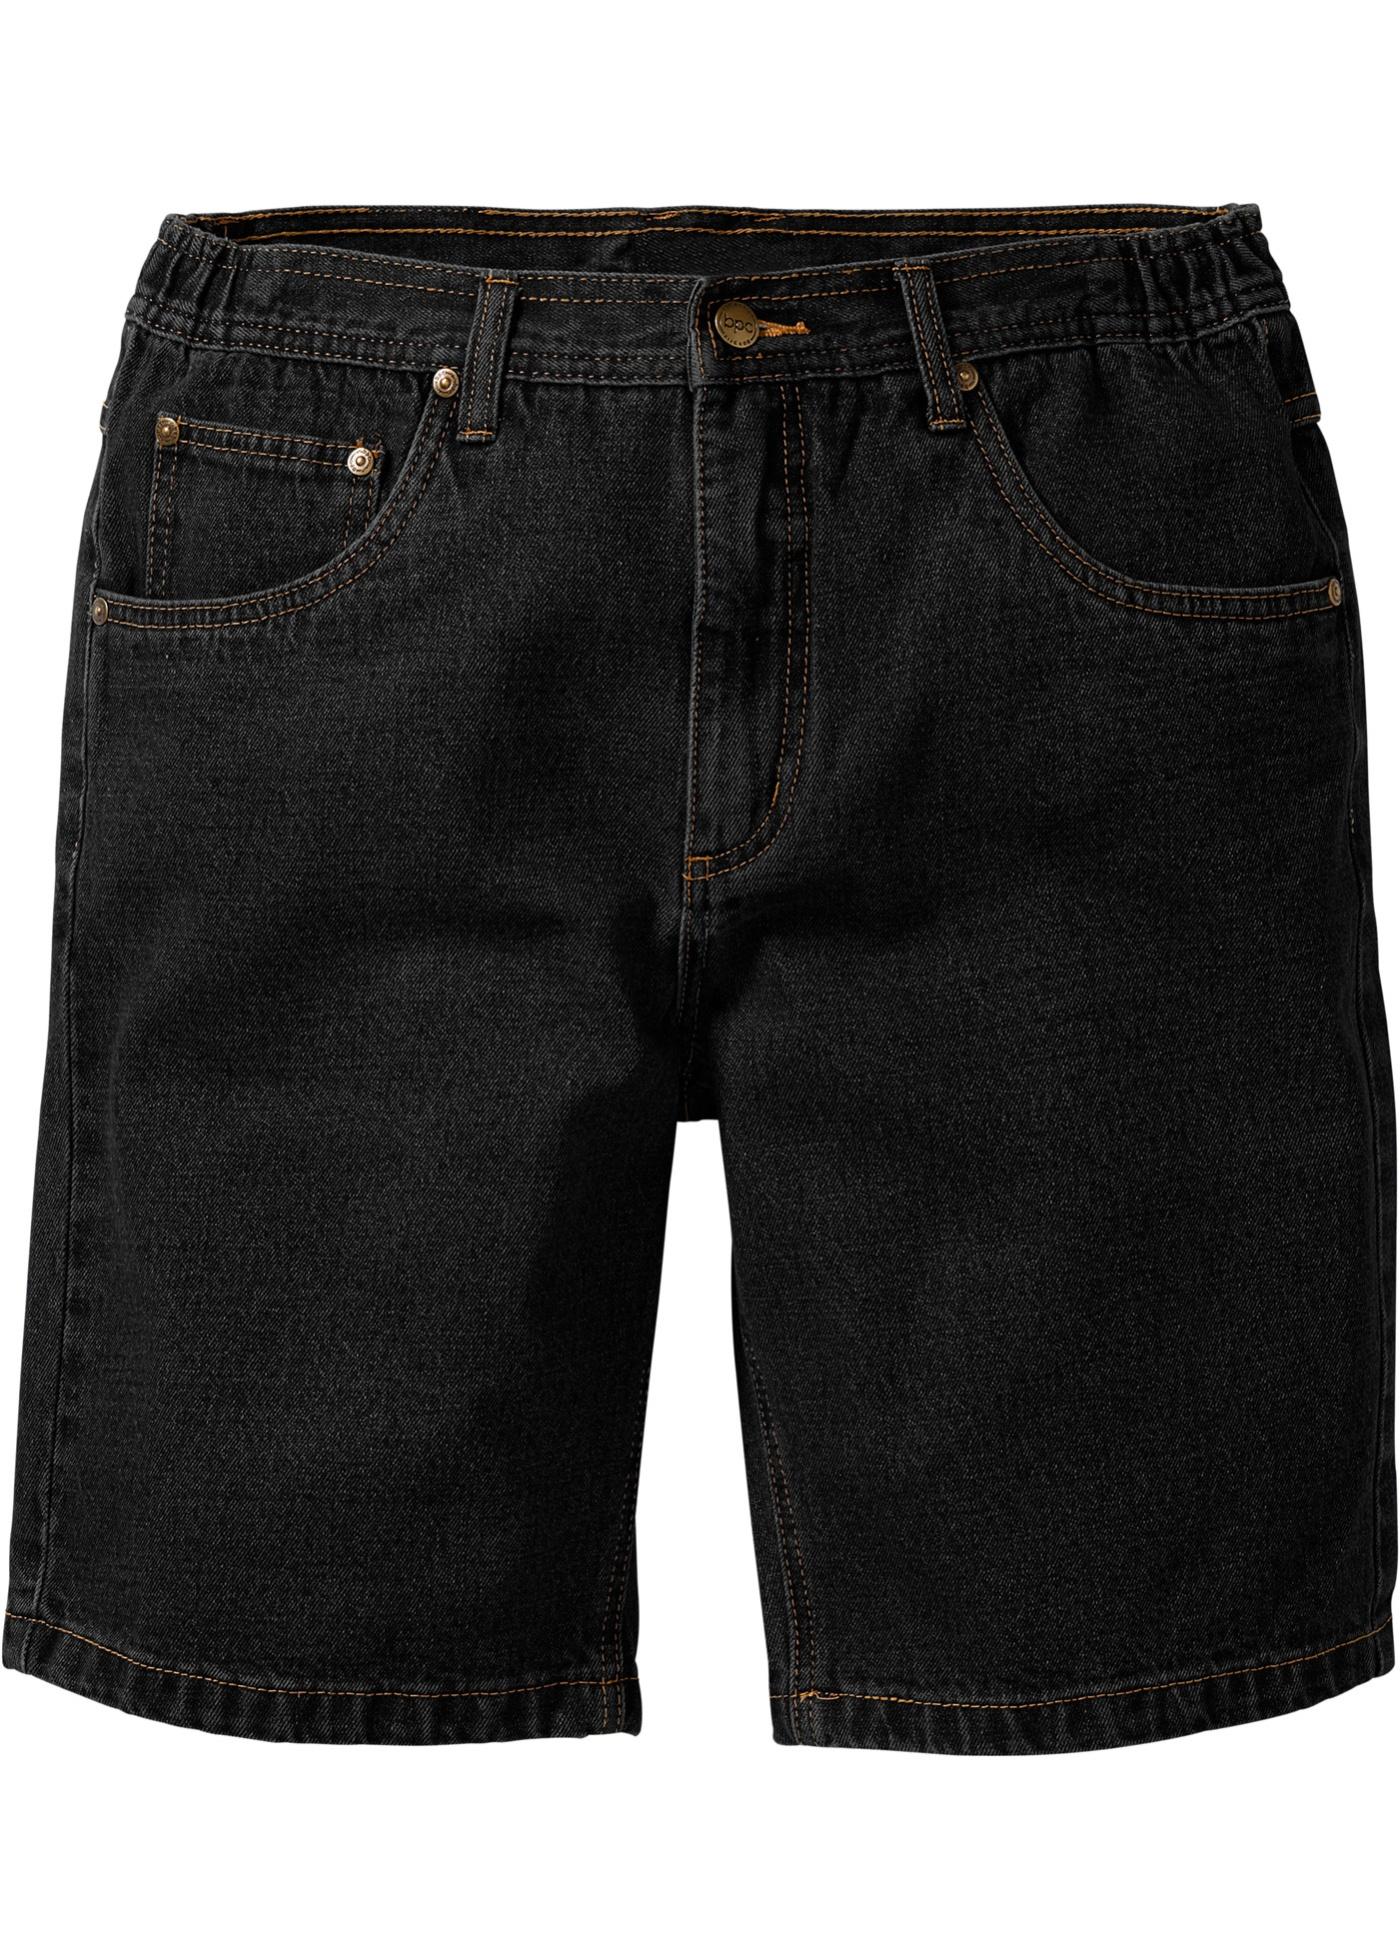 Bermuda di jeans classic